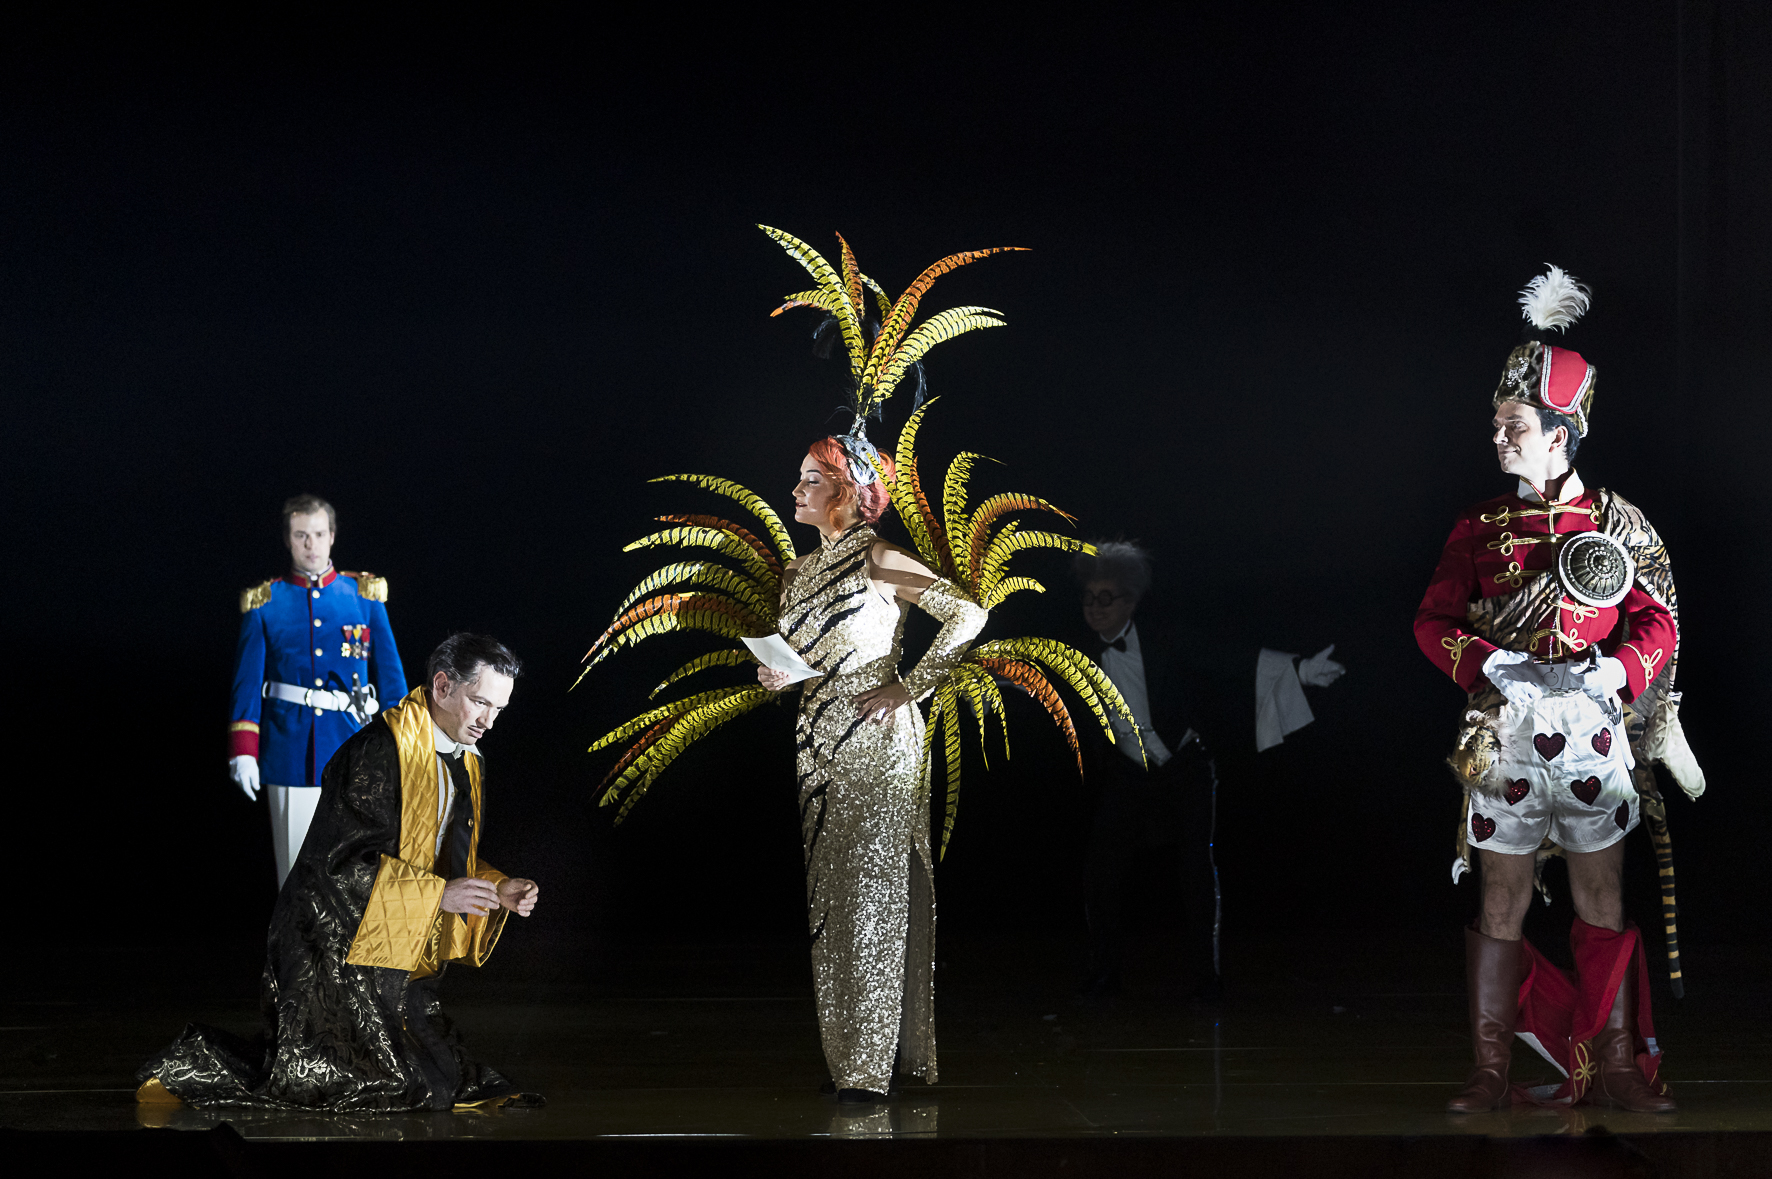 """Szabolcs Brickner (Graf Boleslav Zagorsky), Markus Butter (Graf Staschek Zagorsky), Mareike Jankowski (Suza), Ivan Oreščanin (Casimir von Kawietzky) in """"Polnische Hochzeit"""" at Oper Graz. (Photo: Werner Kmetitsch)"""